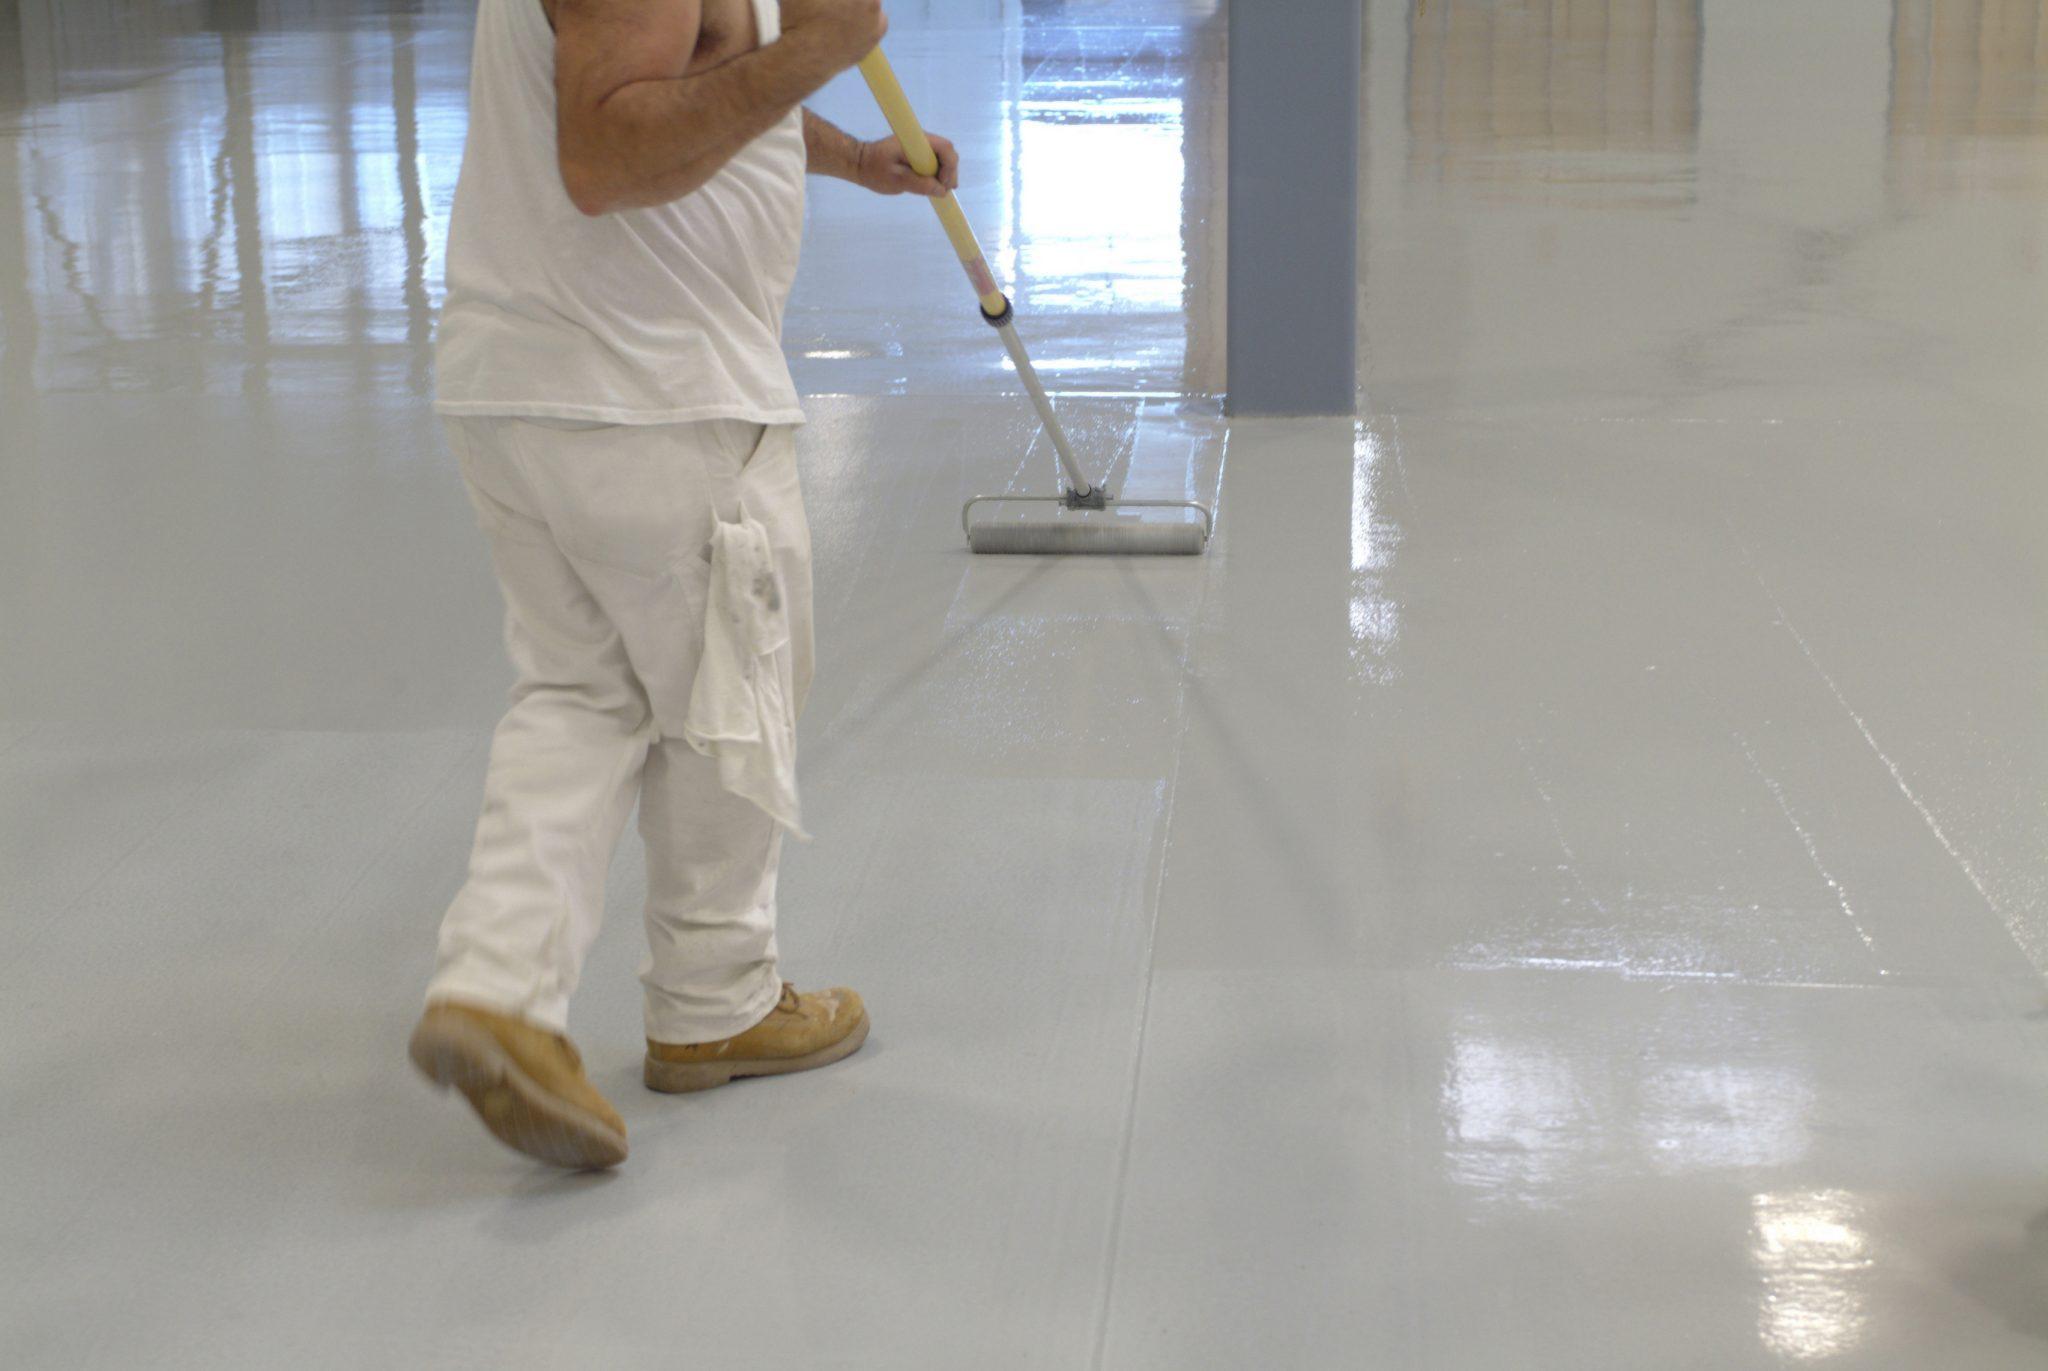 Reasons To Invest In Industrial Floor Coatings